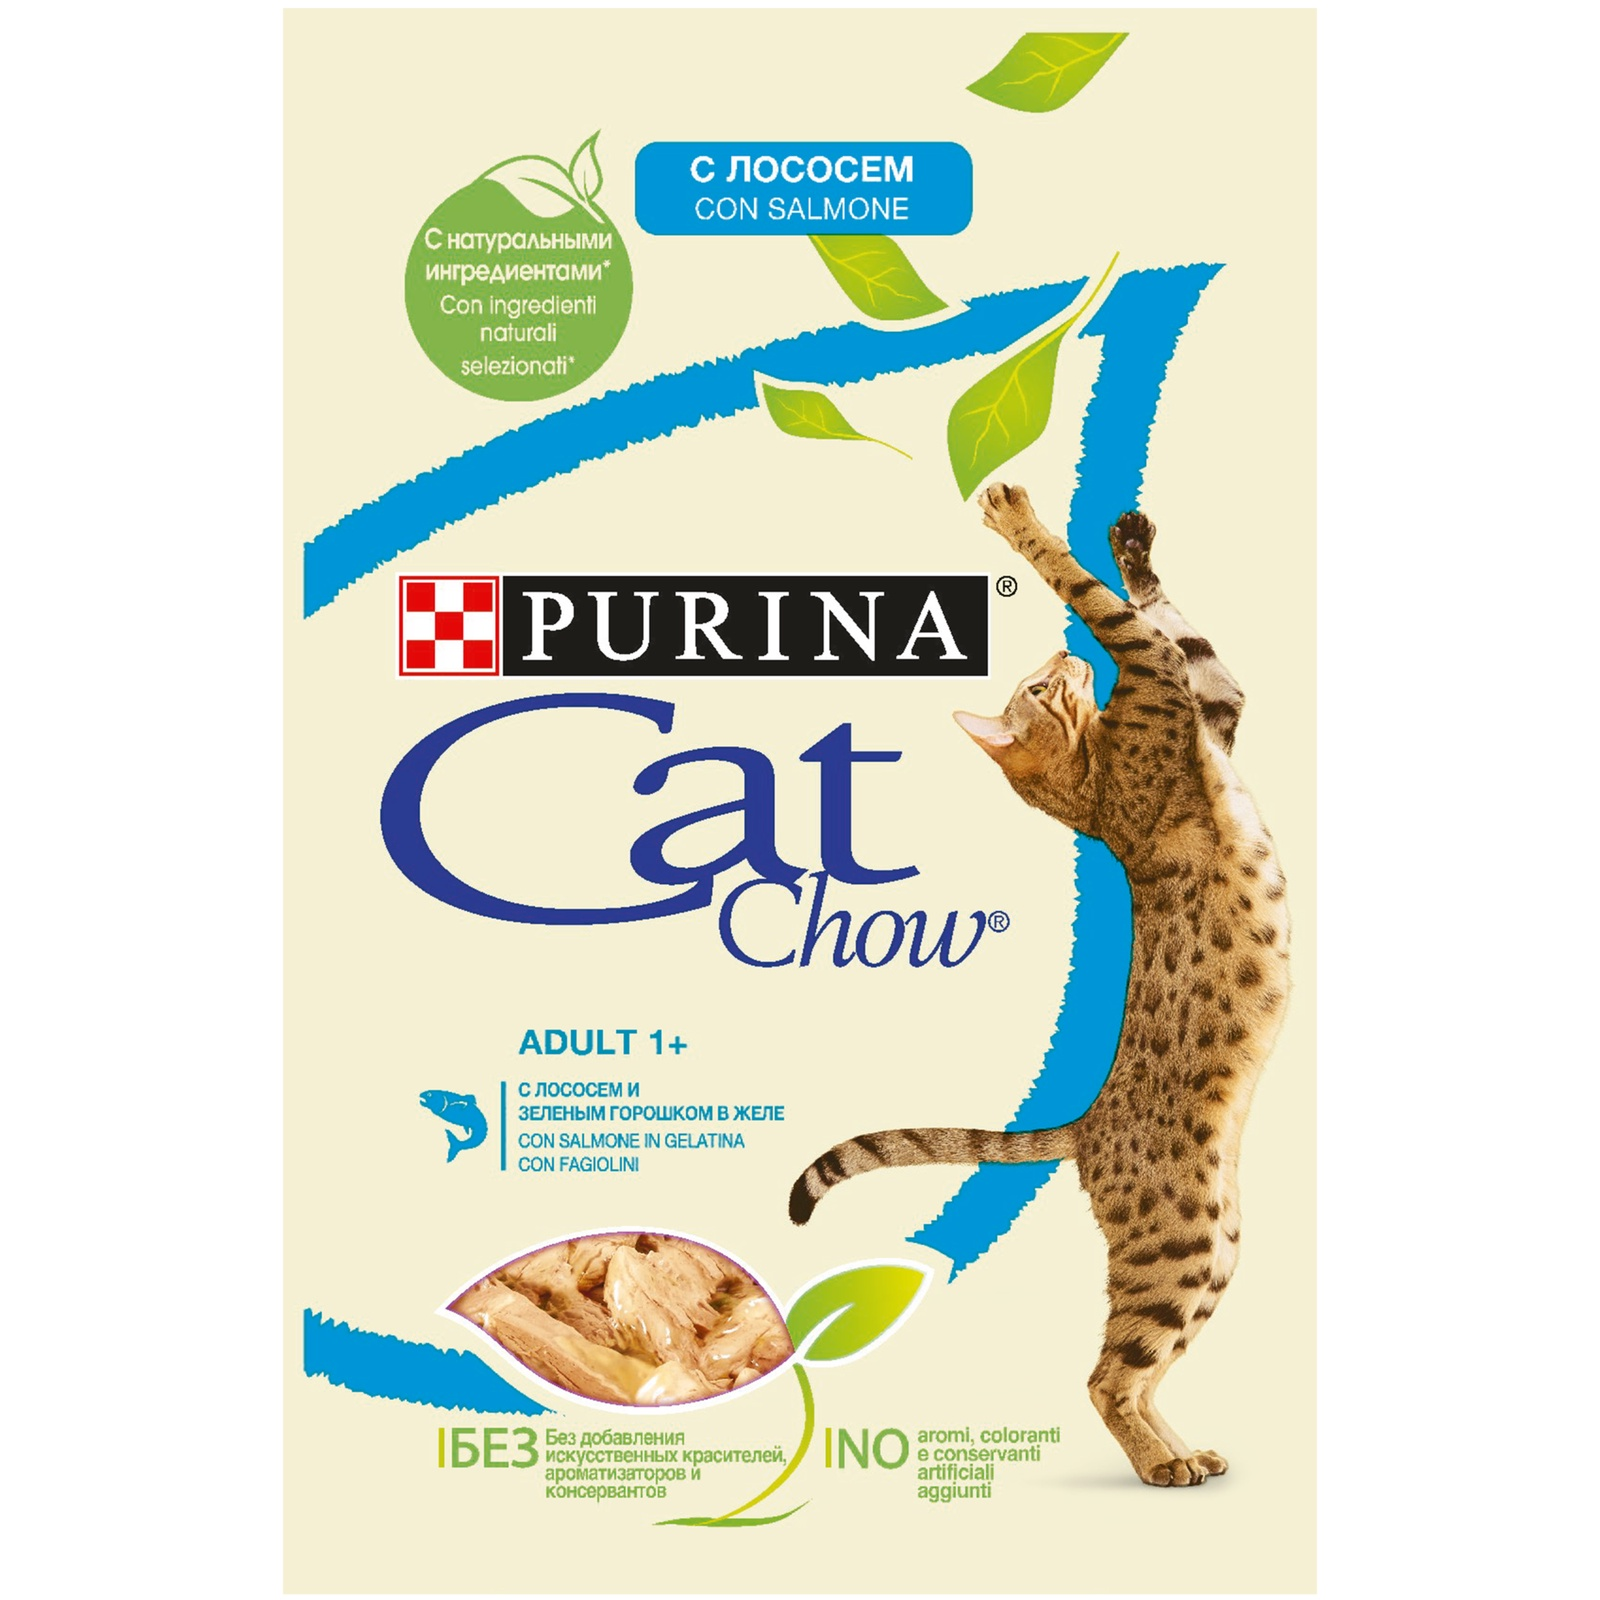 Влажный кормдля кошекCat Chow Adult, слососем изеленым горошком в желе, 24шт по 85г фото